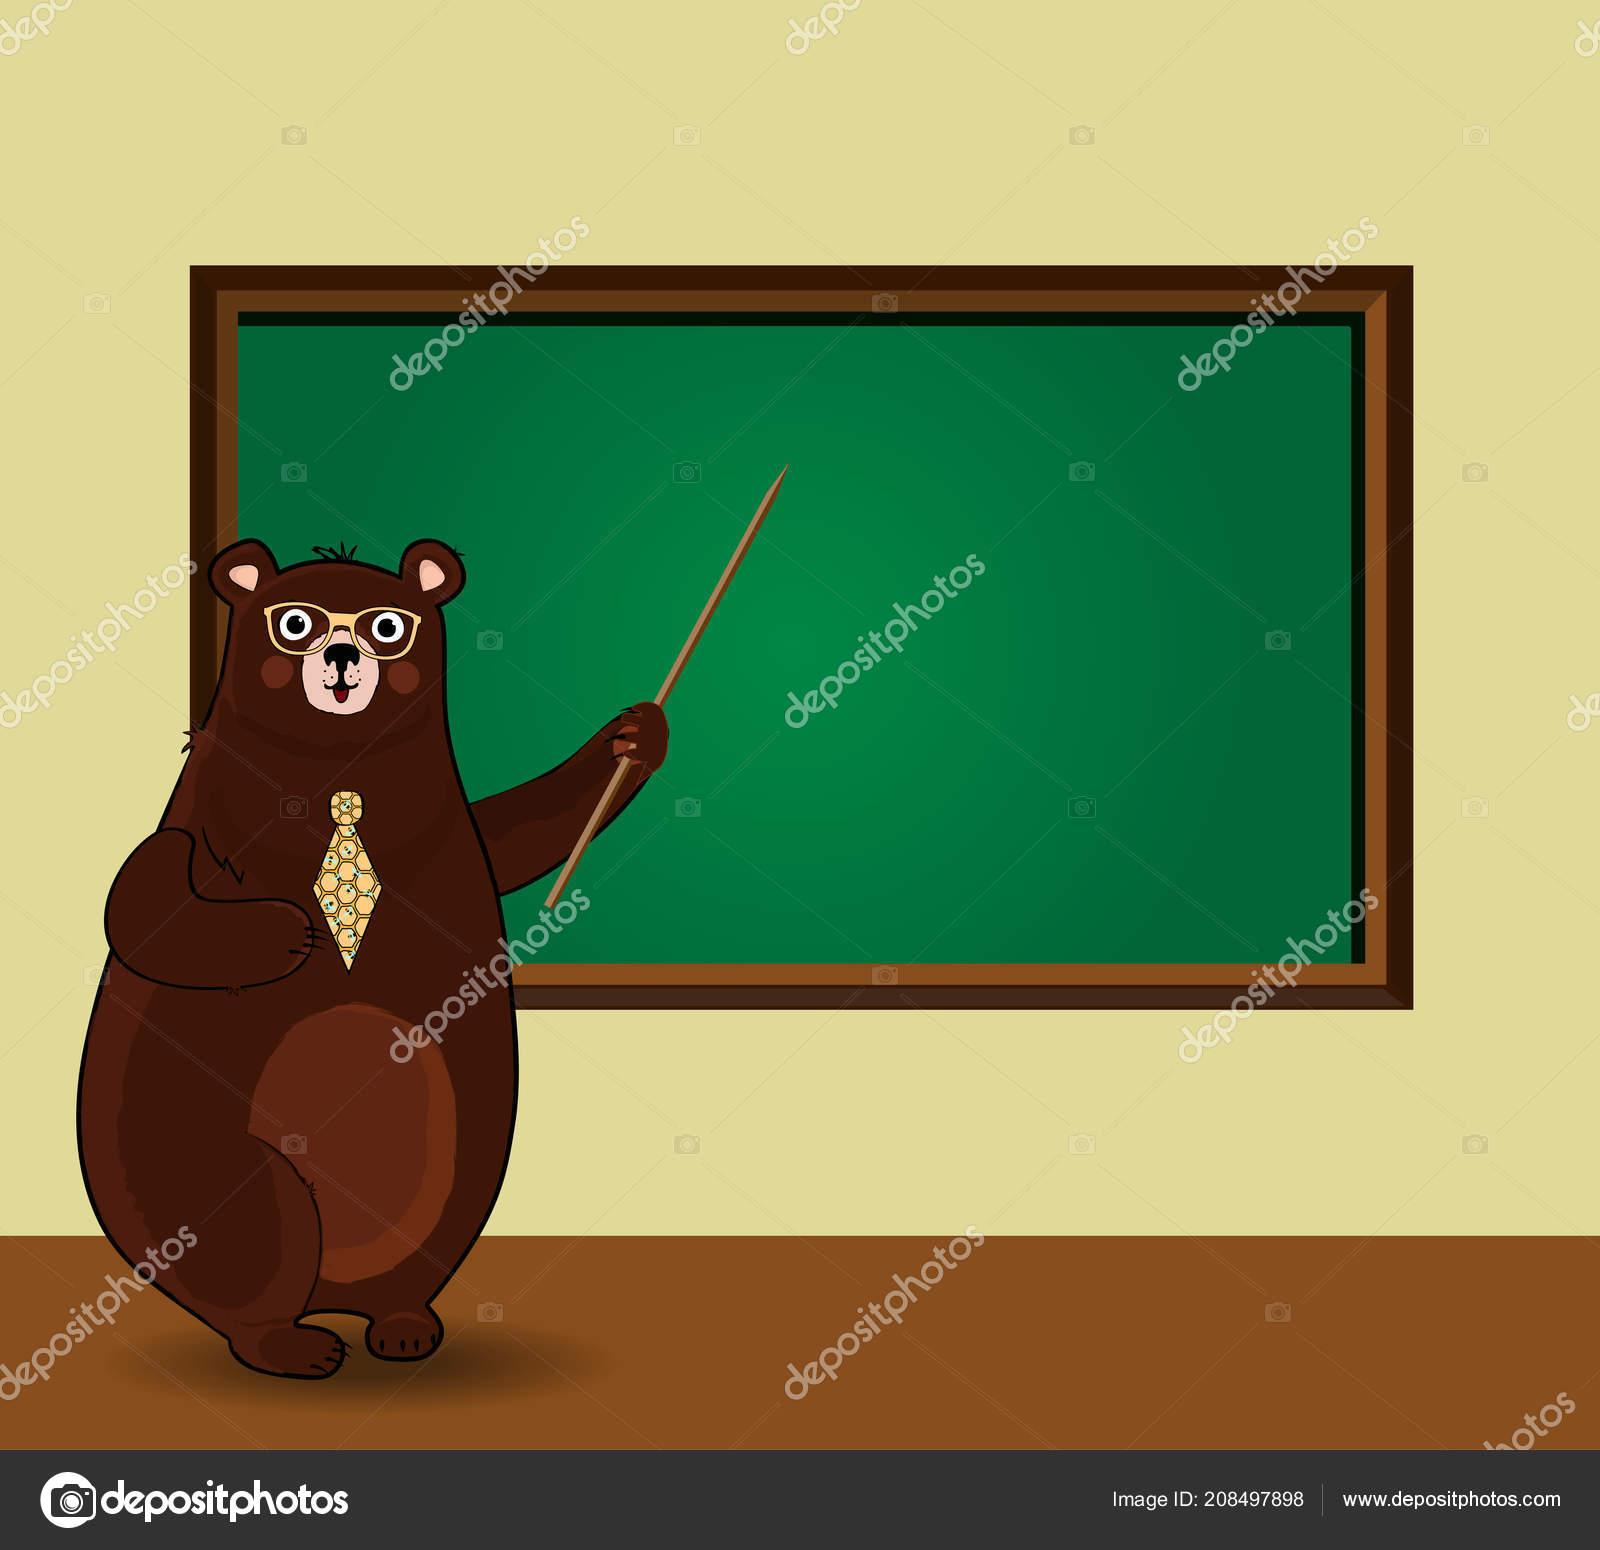 かわいい漫画のベクトル イラスト クマ先生眼鏡とネクタイの教室で黒板